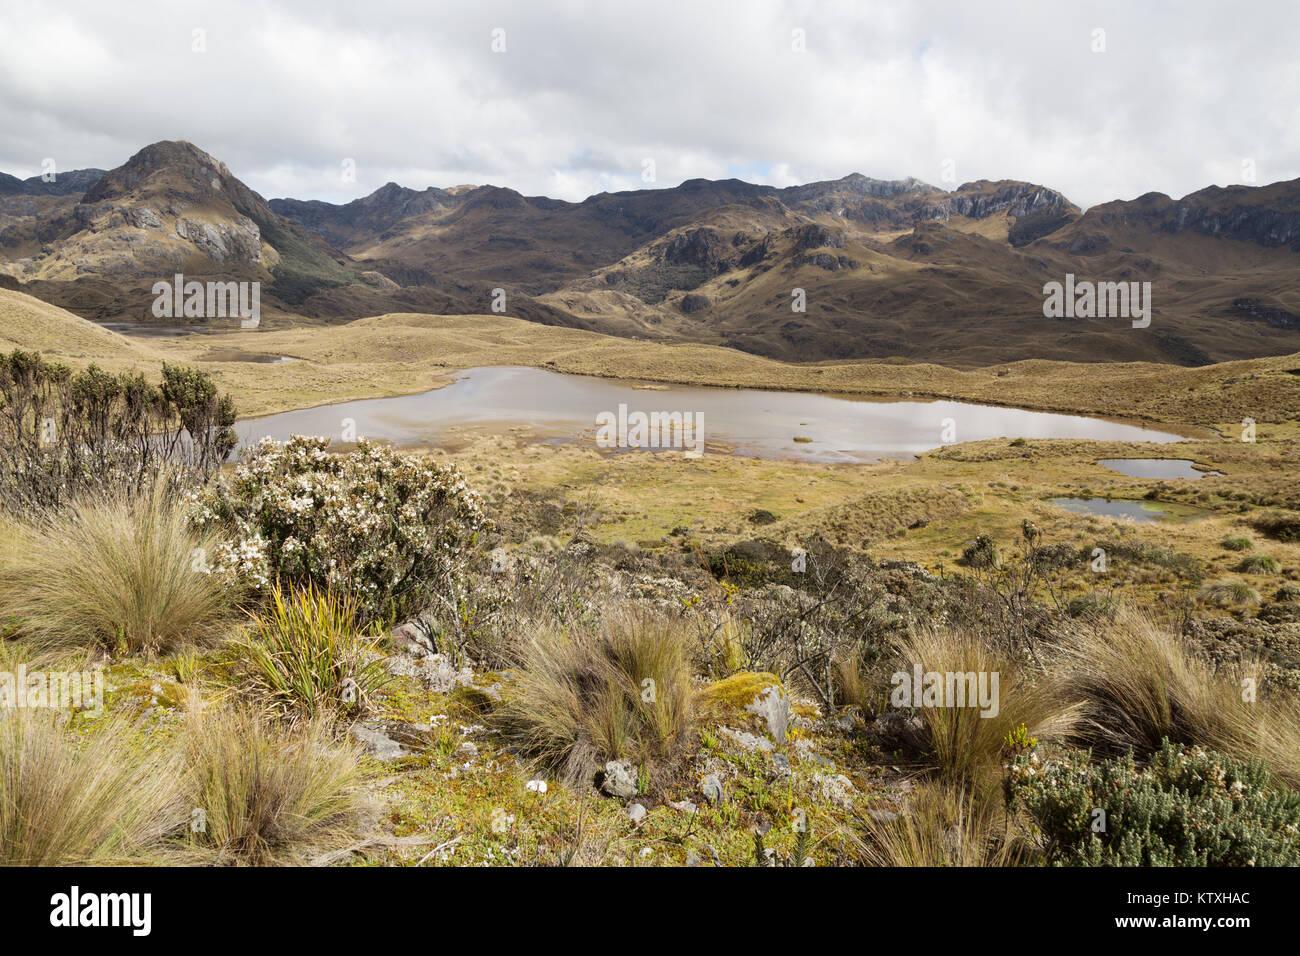 Ecuador paisajes - Parque Nacional El Cajas, ( Parque Nacional Cajas ), Cuenca, Ecuador Sudamérica Imagen De Stock